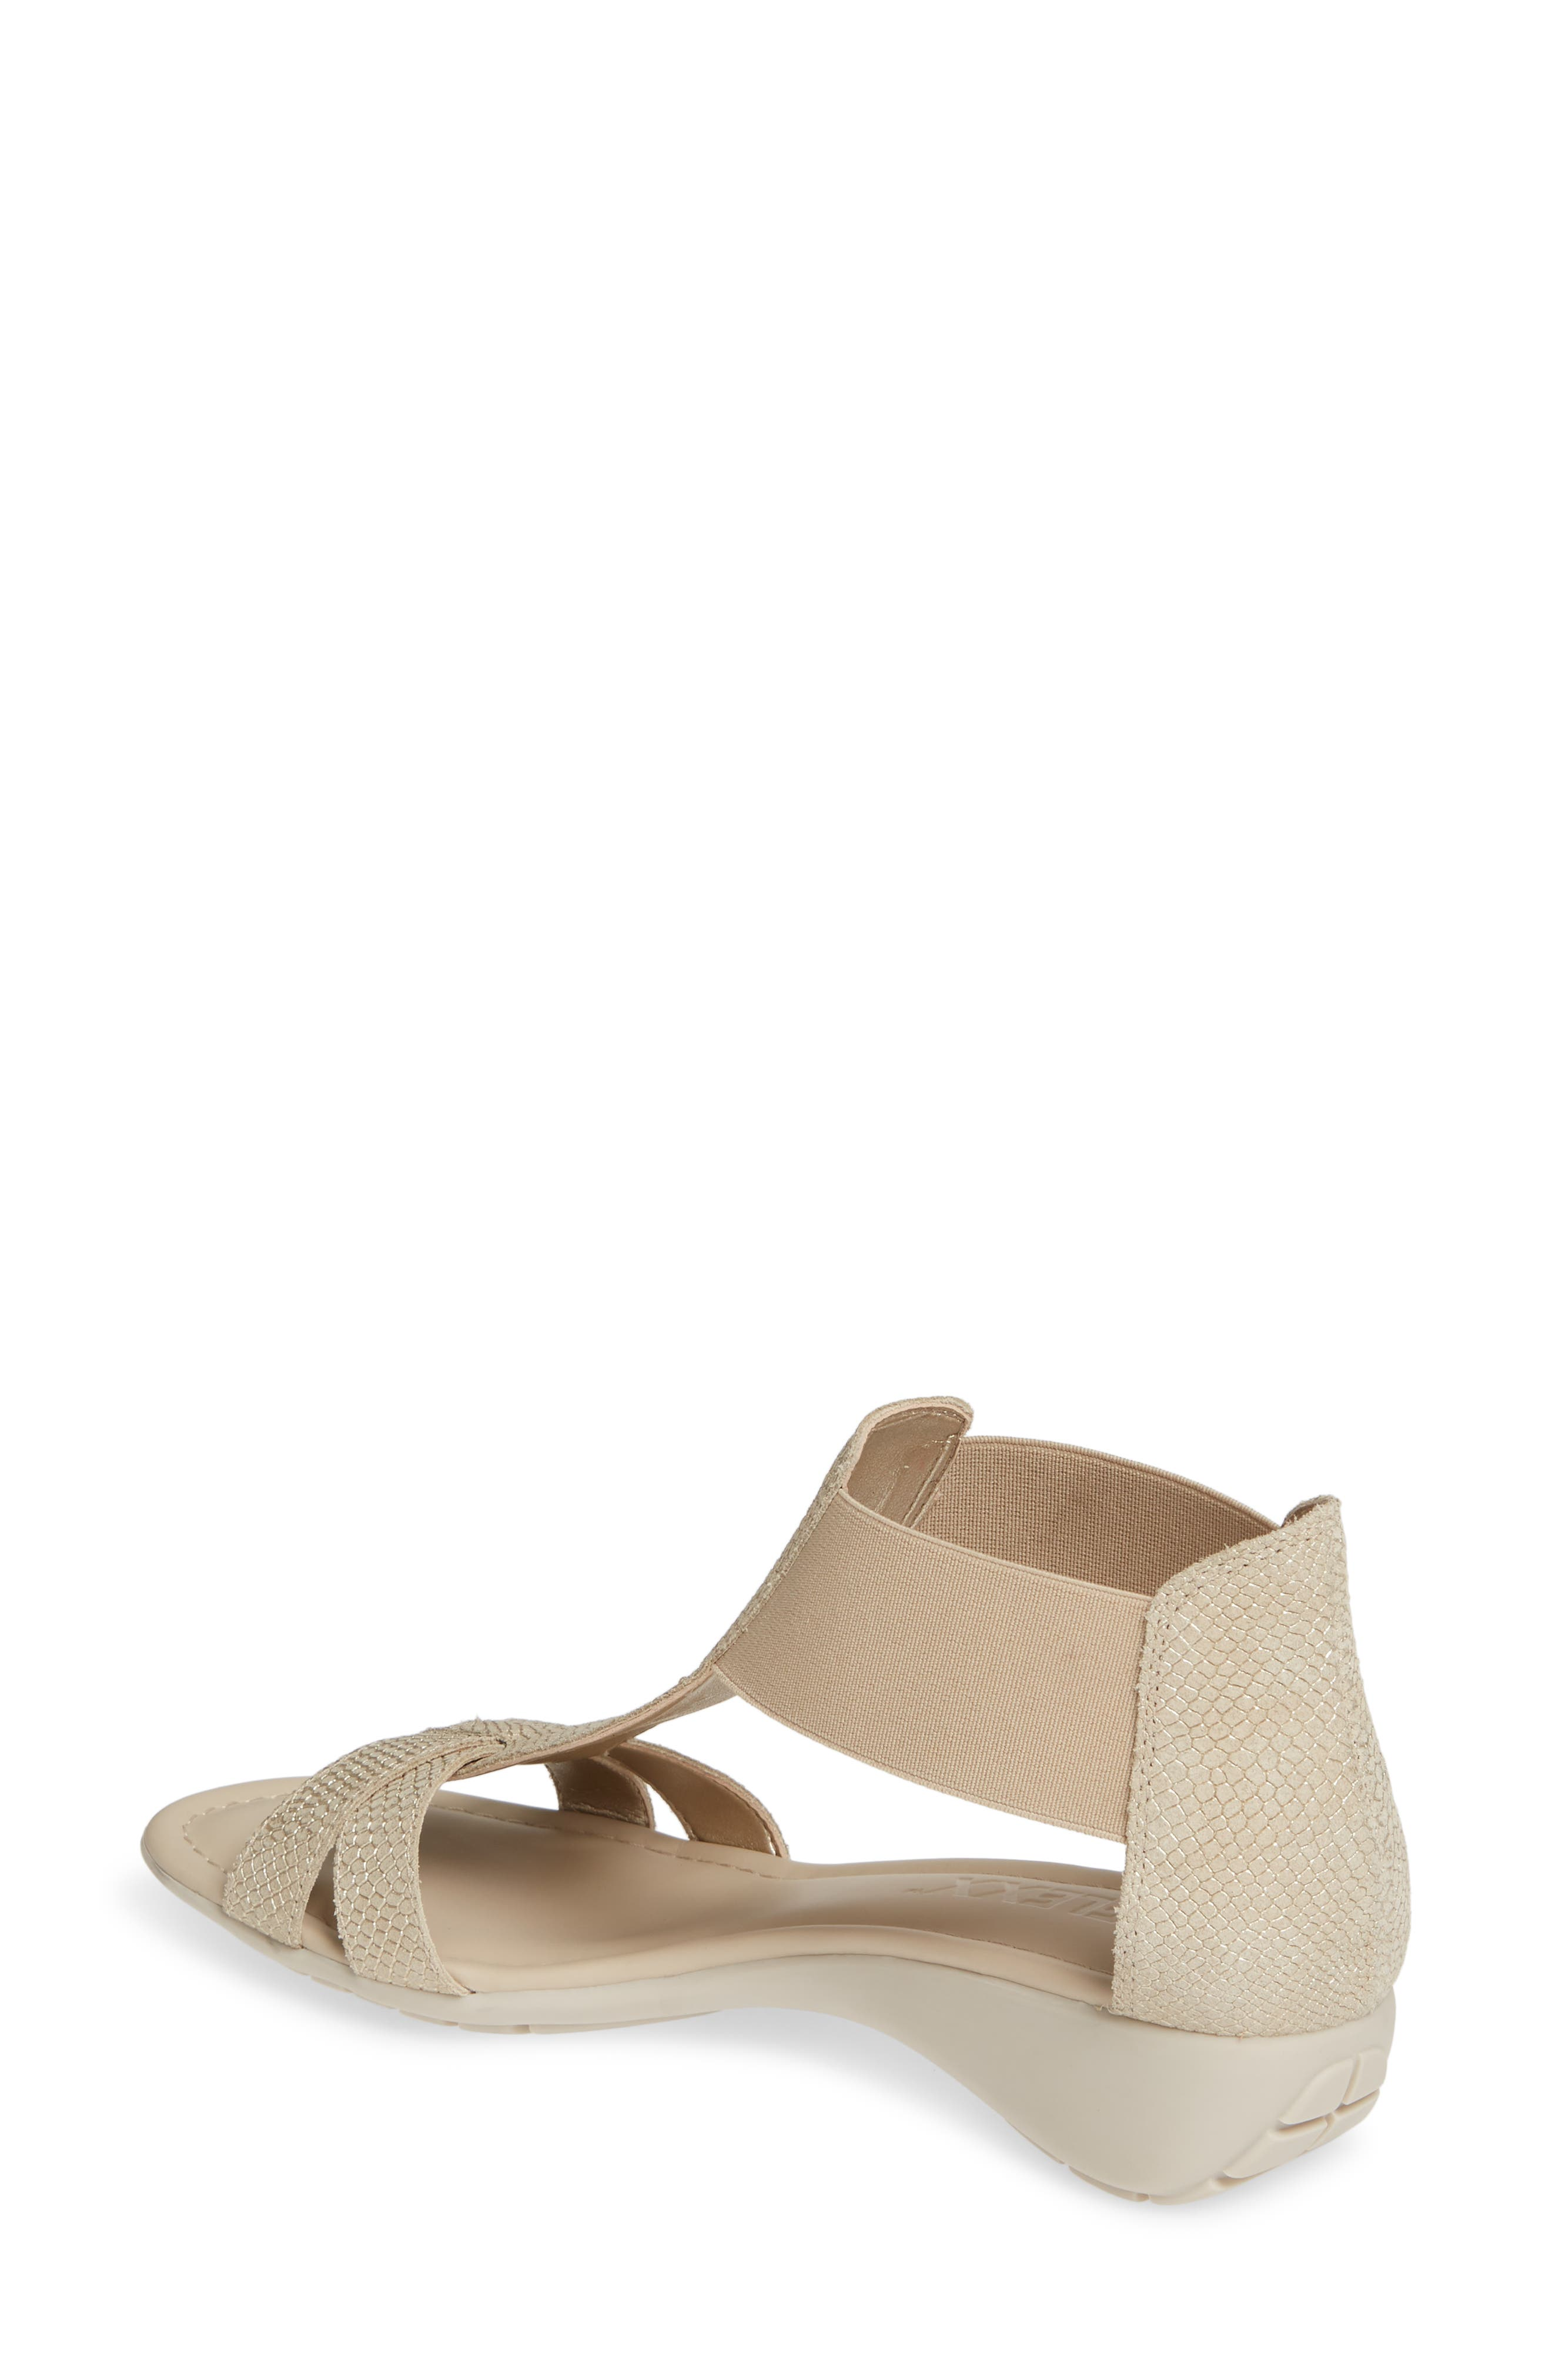 9879e0759e0d29 Women s The FLEXX Shoes